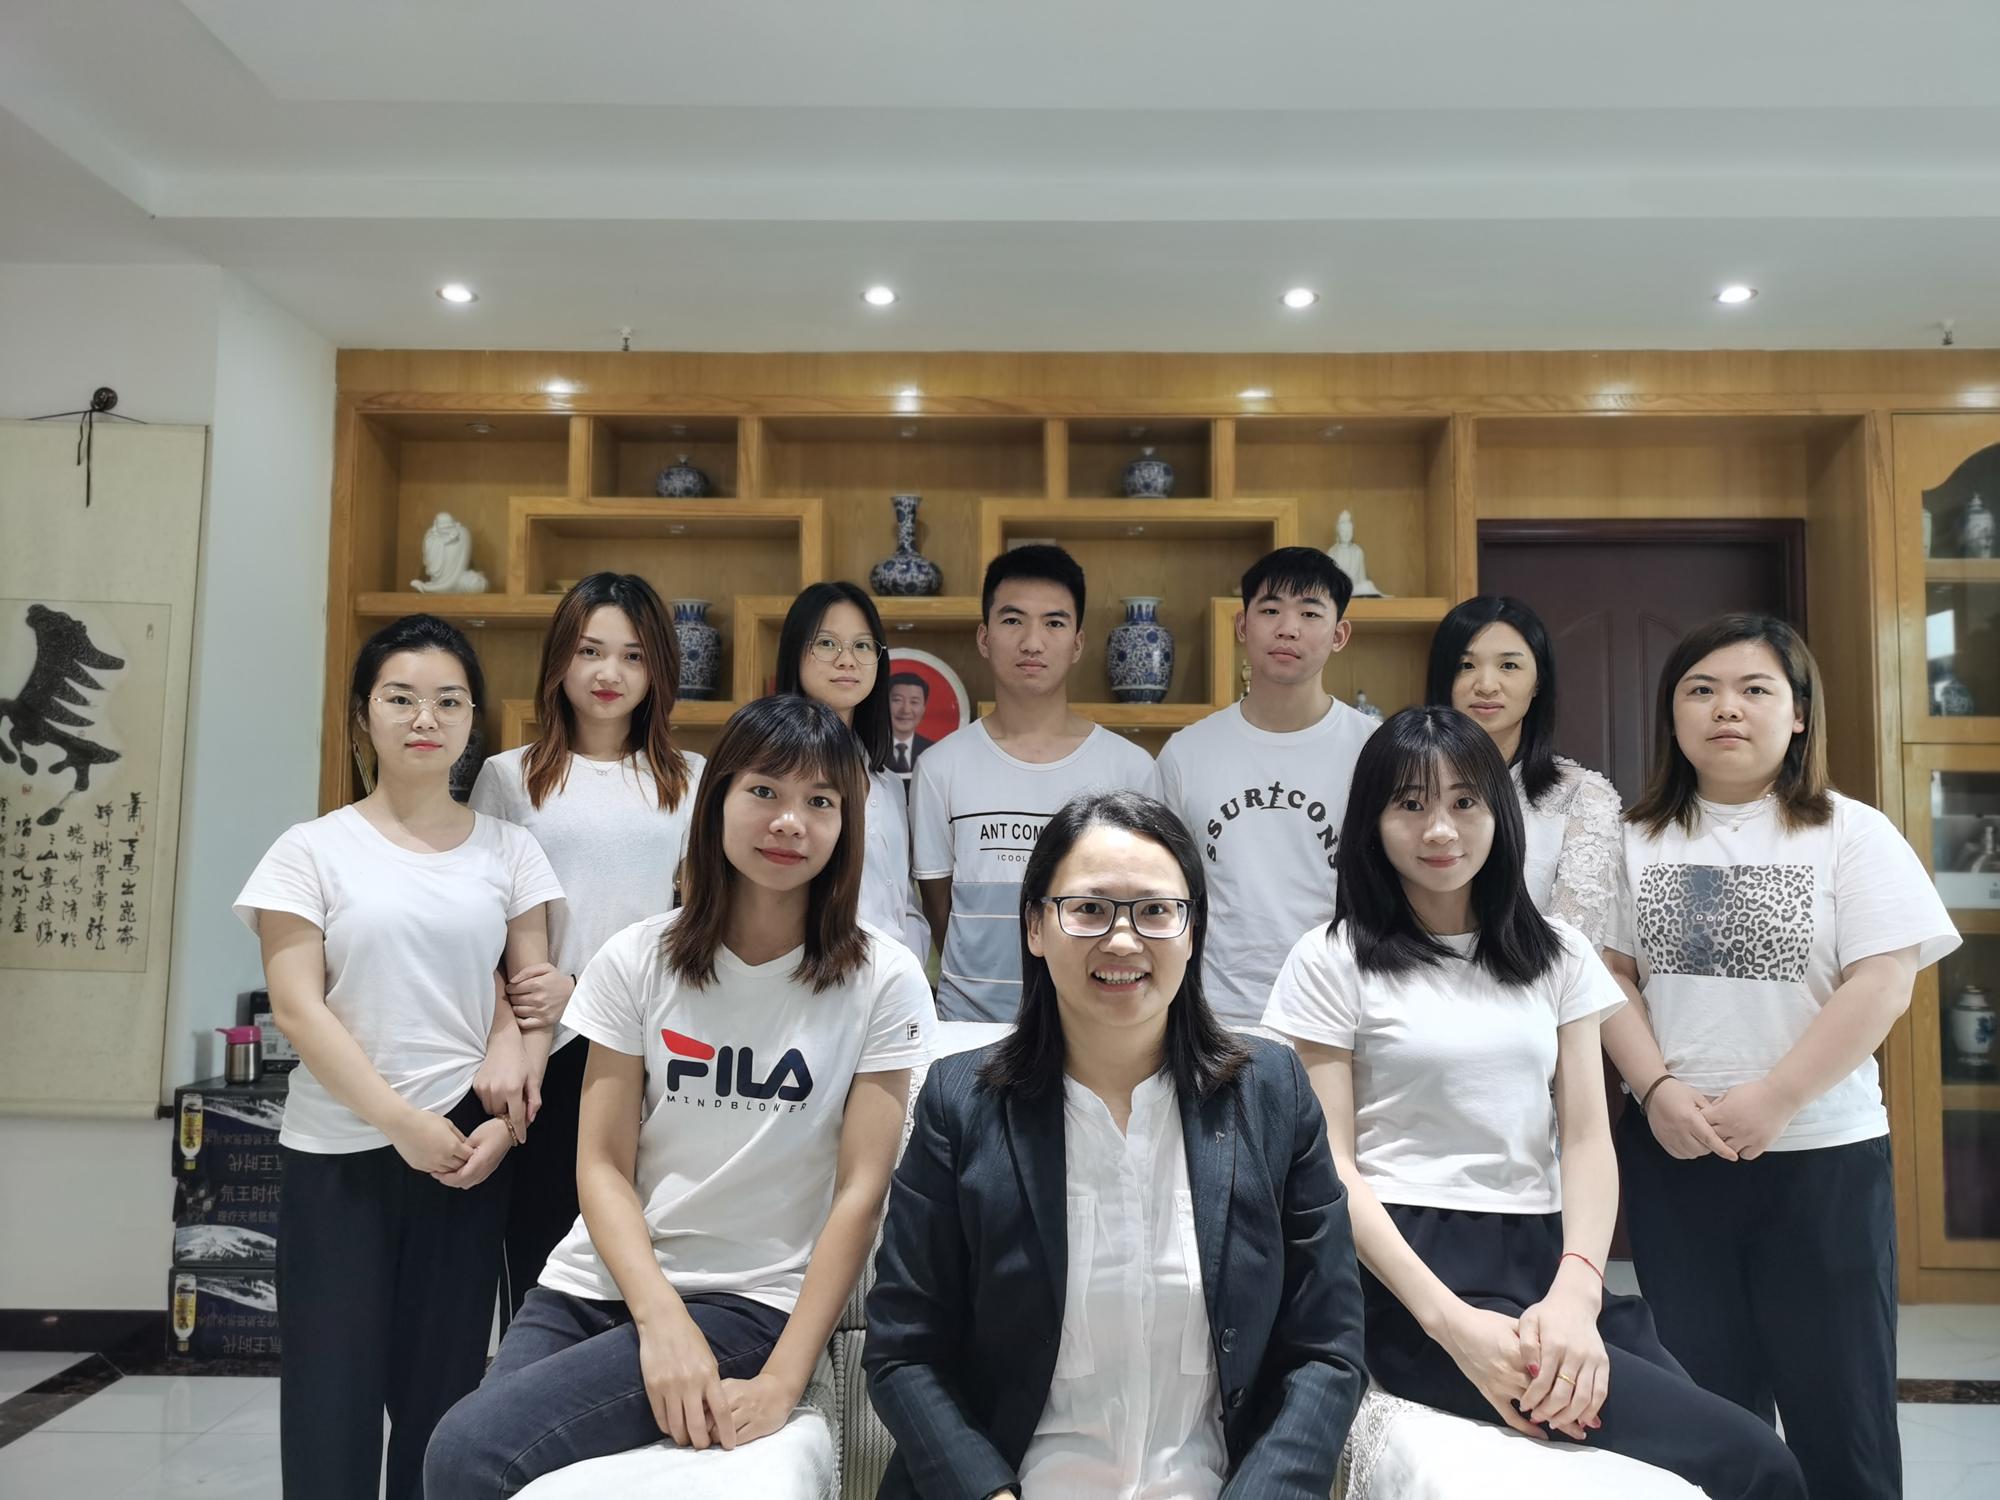 深圳点部门团队风貌展示